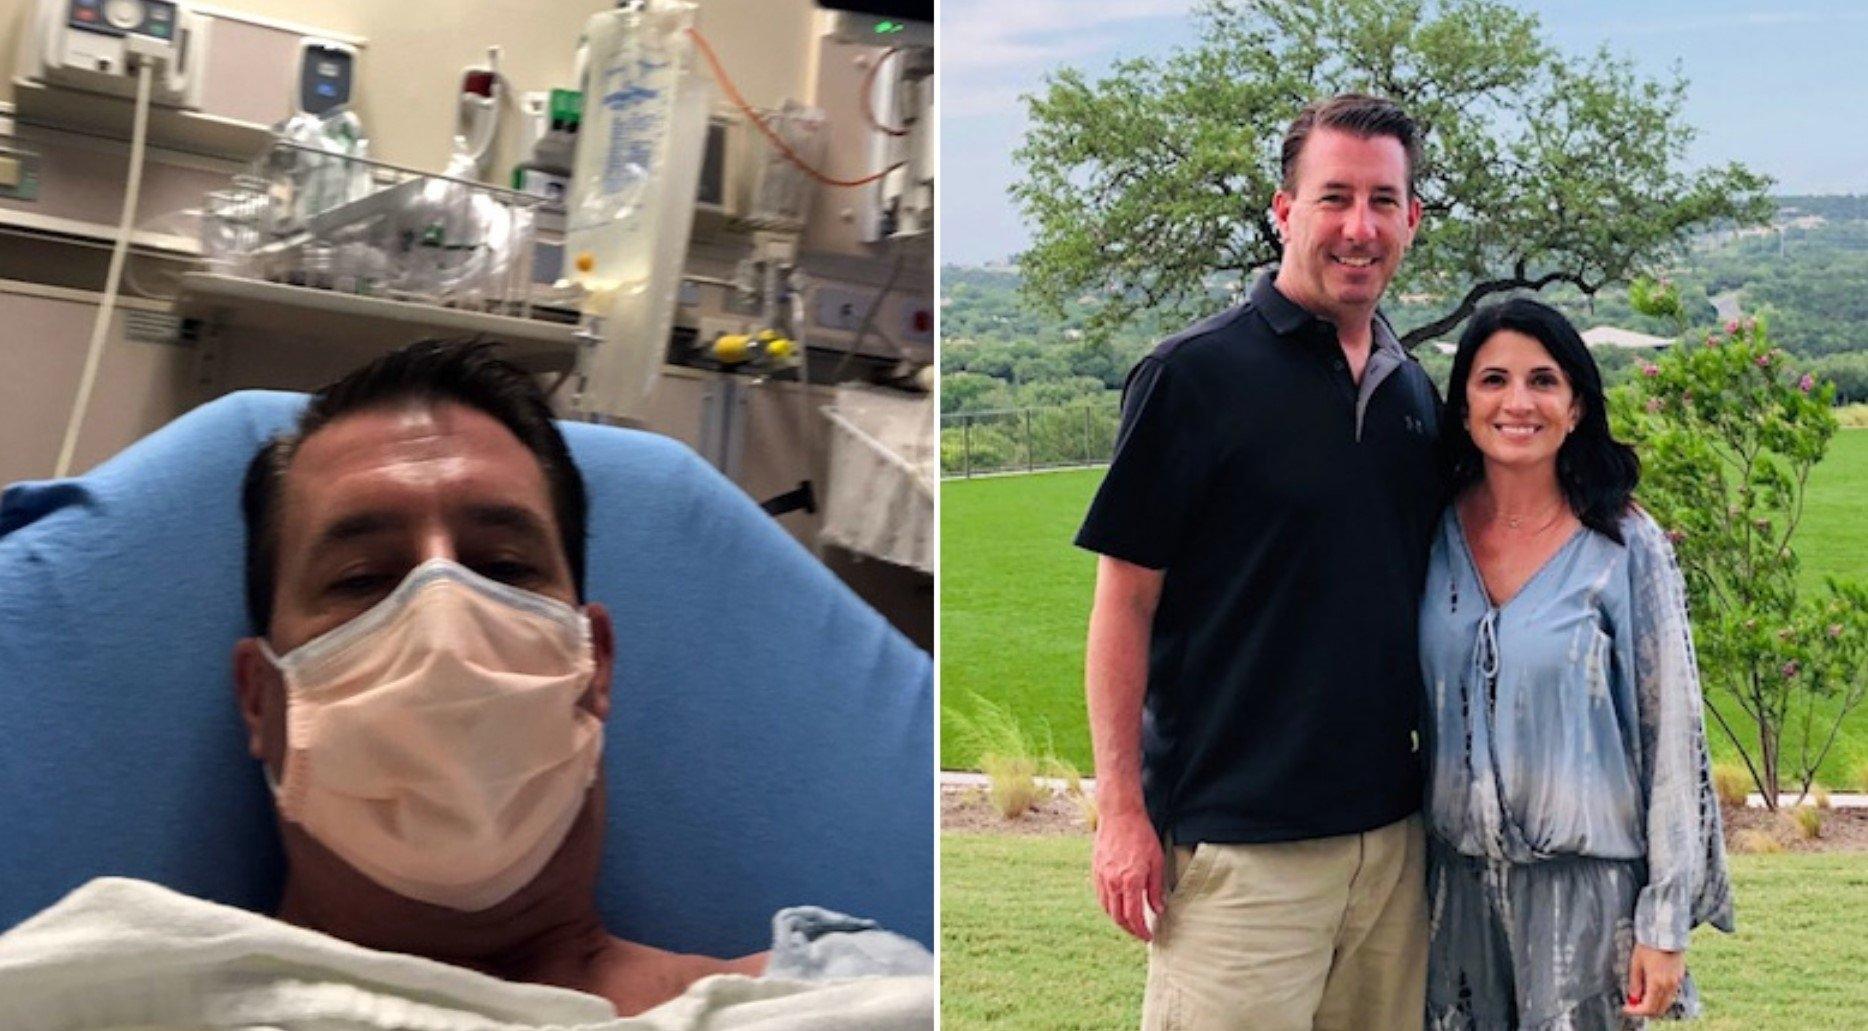 Cristão diz que oração dos profissionais de saúde o ajudou a sobreviver à Covid-19